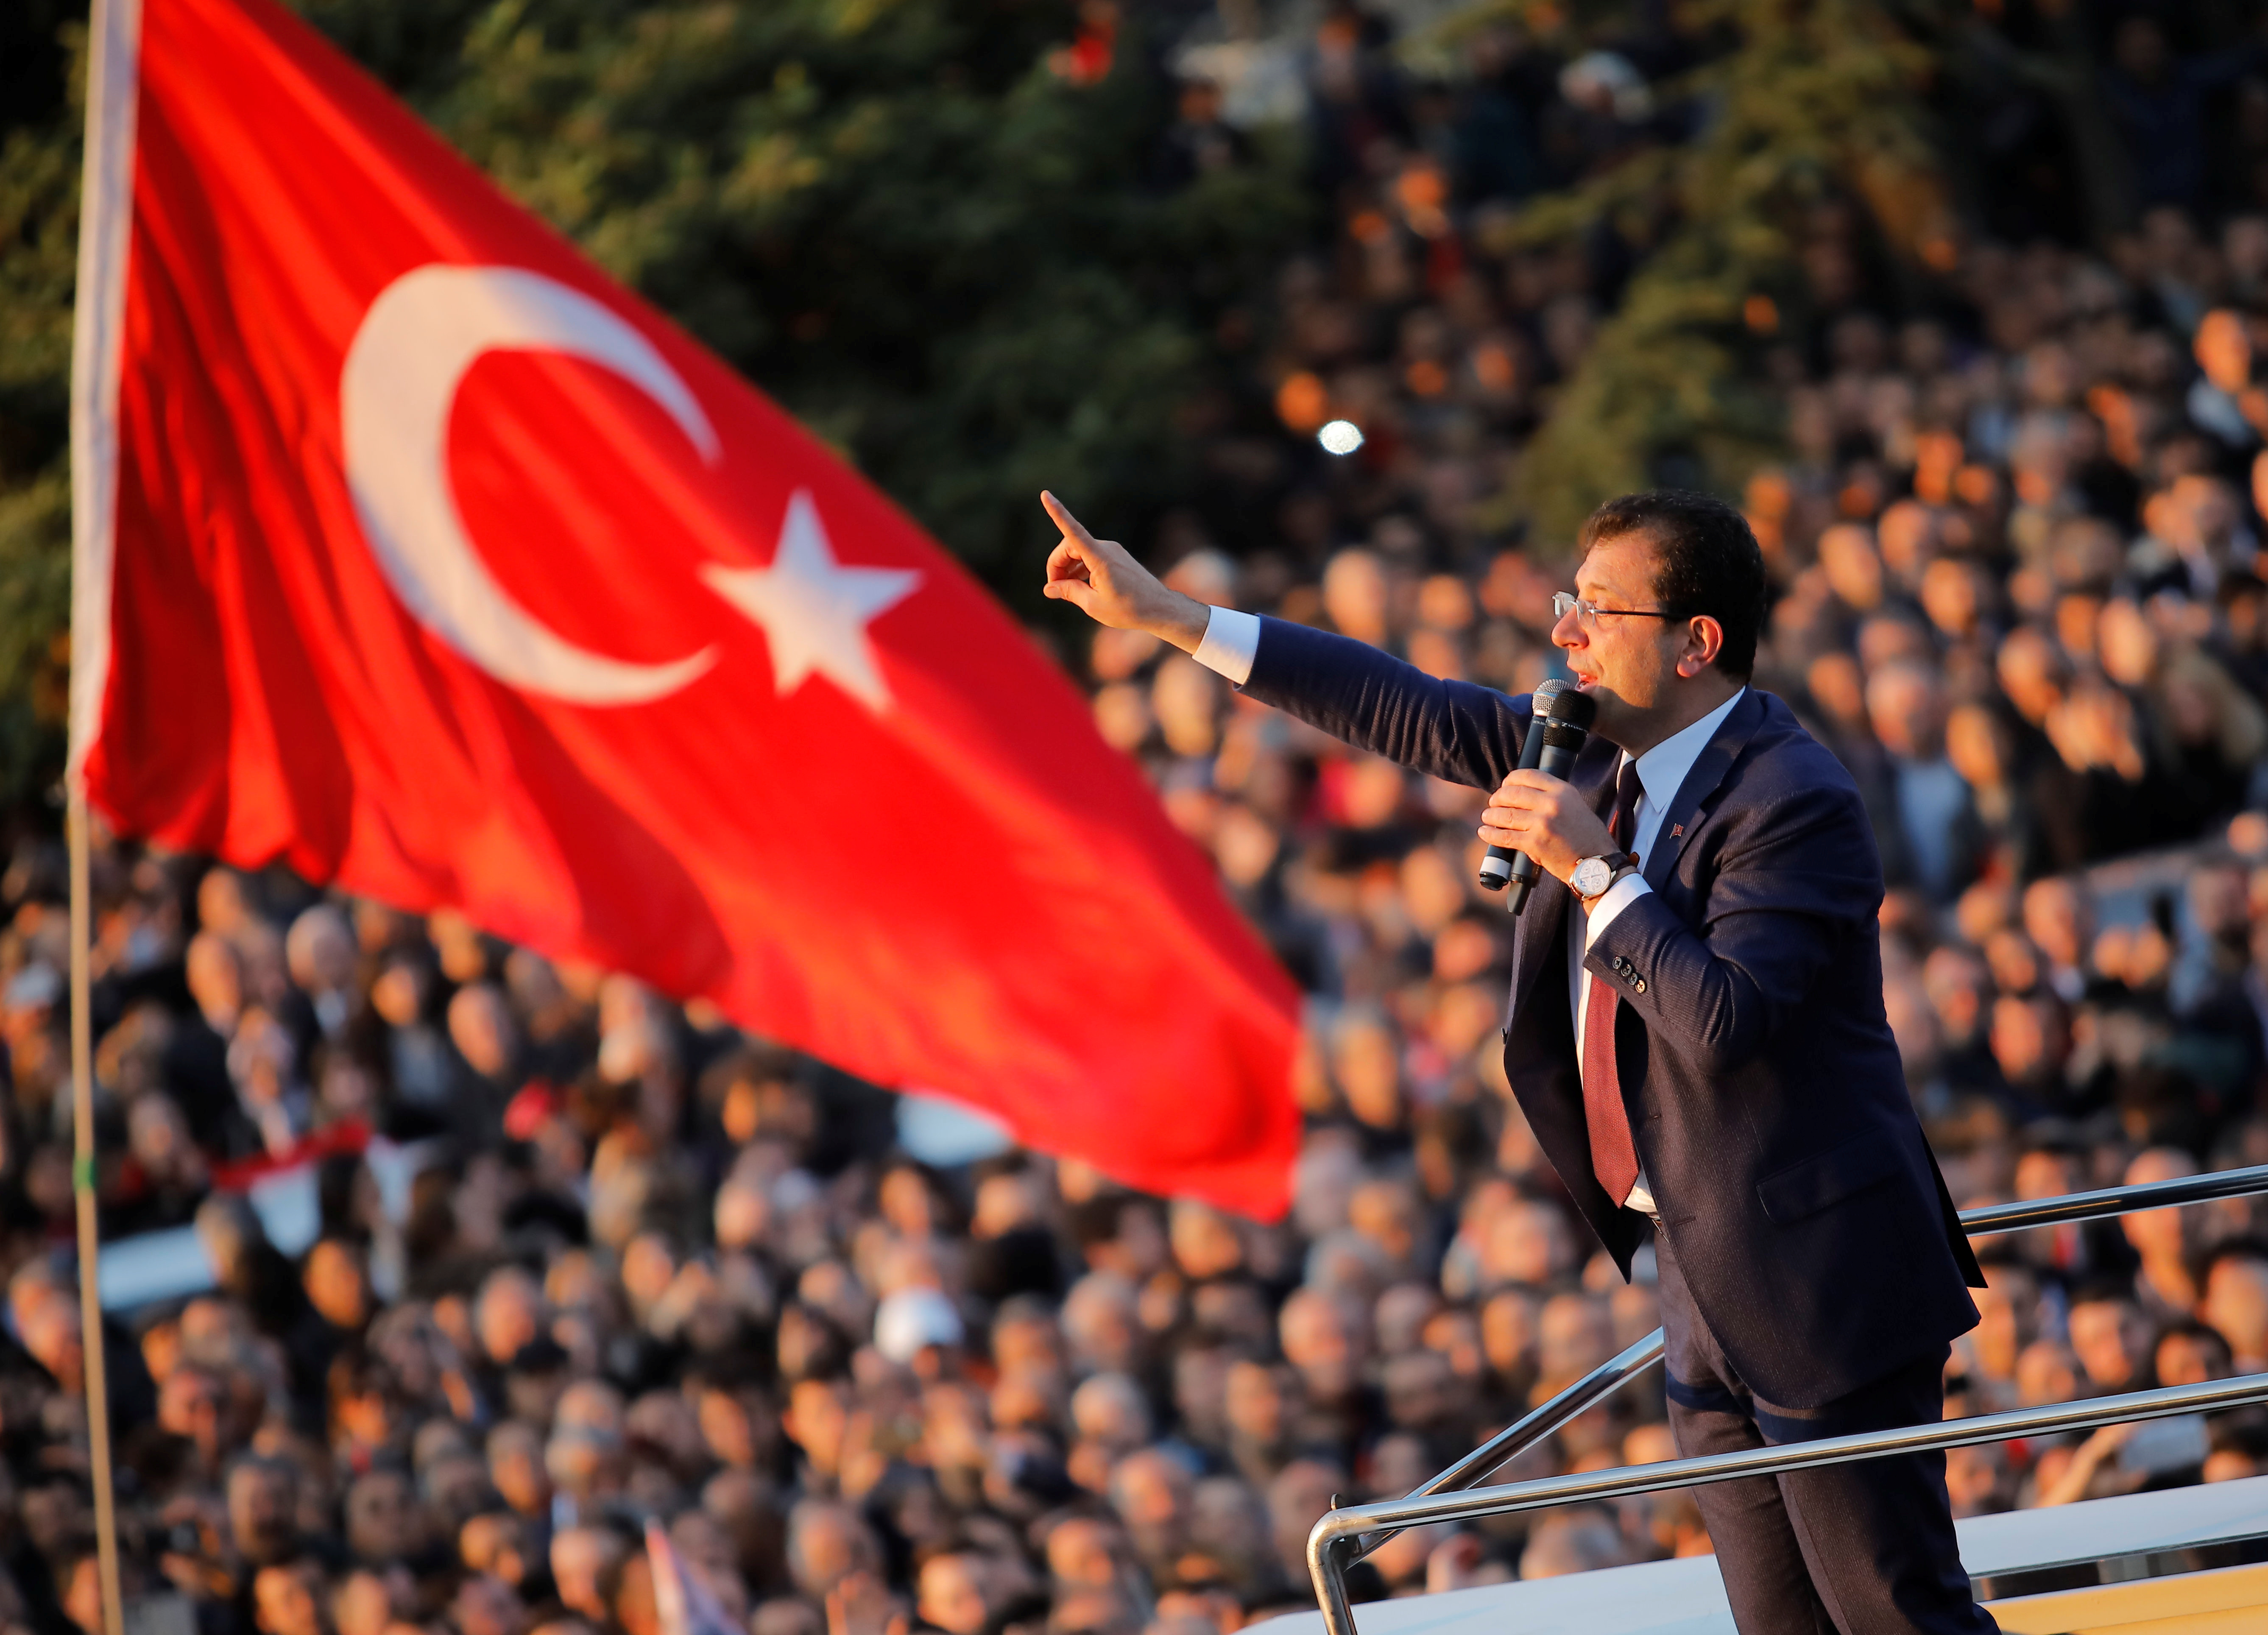 احتفالات اسطنبول بفوز مرشح المعارضة على حساب الحزب الحاكم (14)